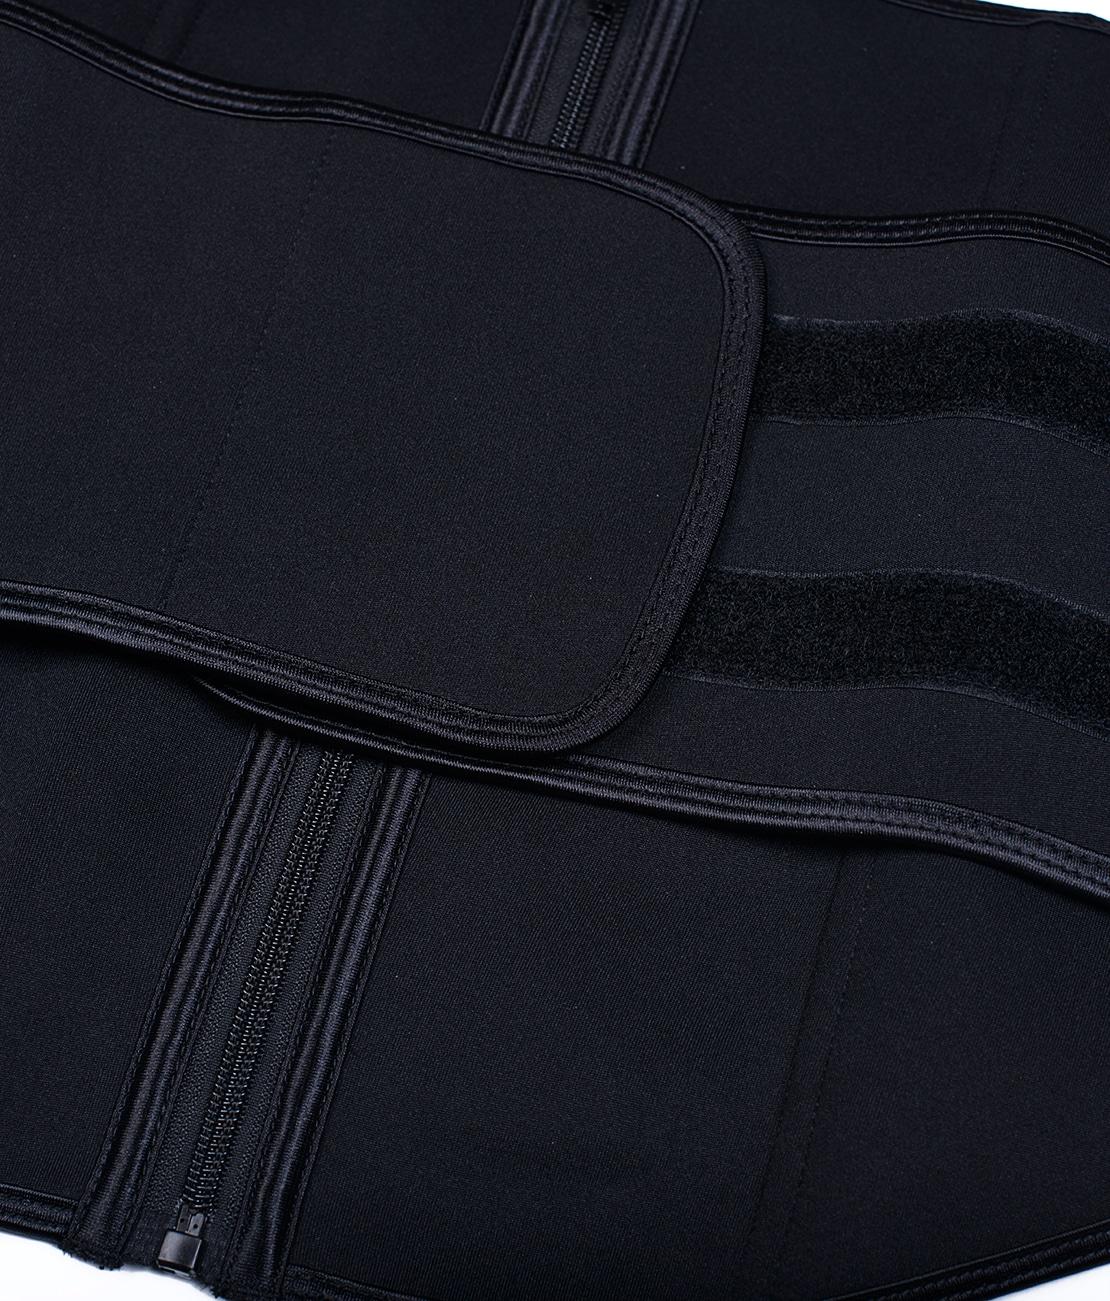 Ceinture de Sudation Multisport Noire Packshot Detail 1